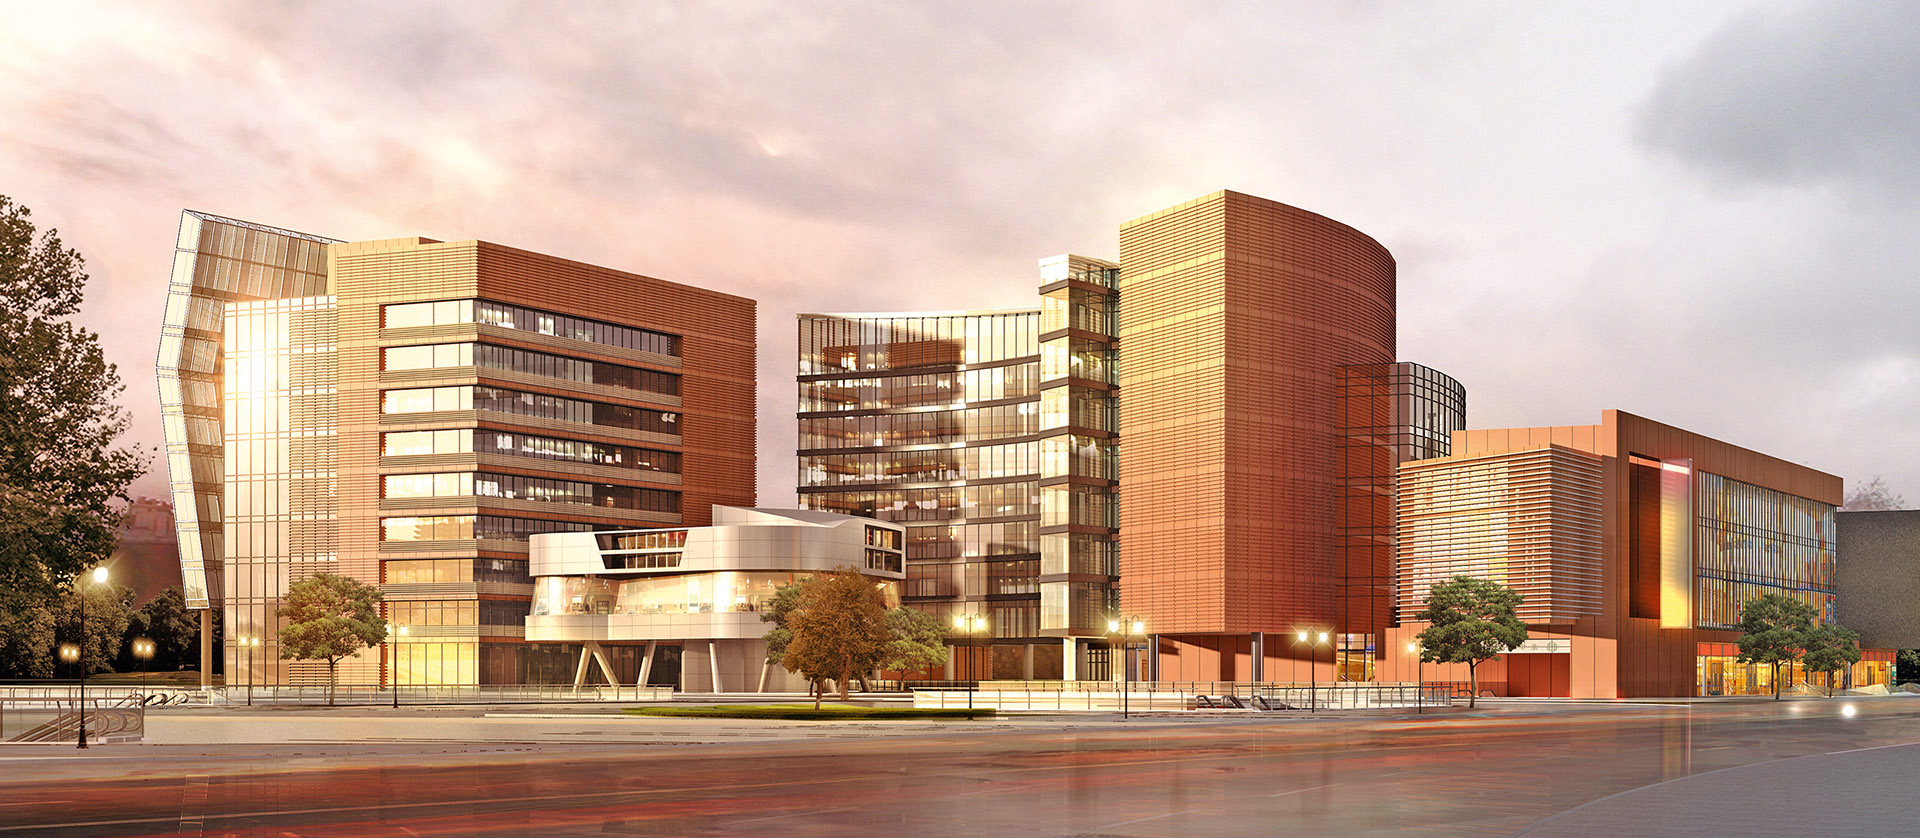 Visualisierung Gebäude und Straße